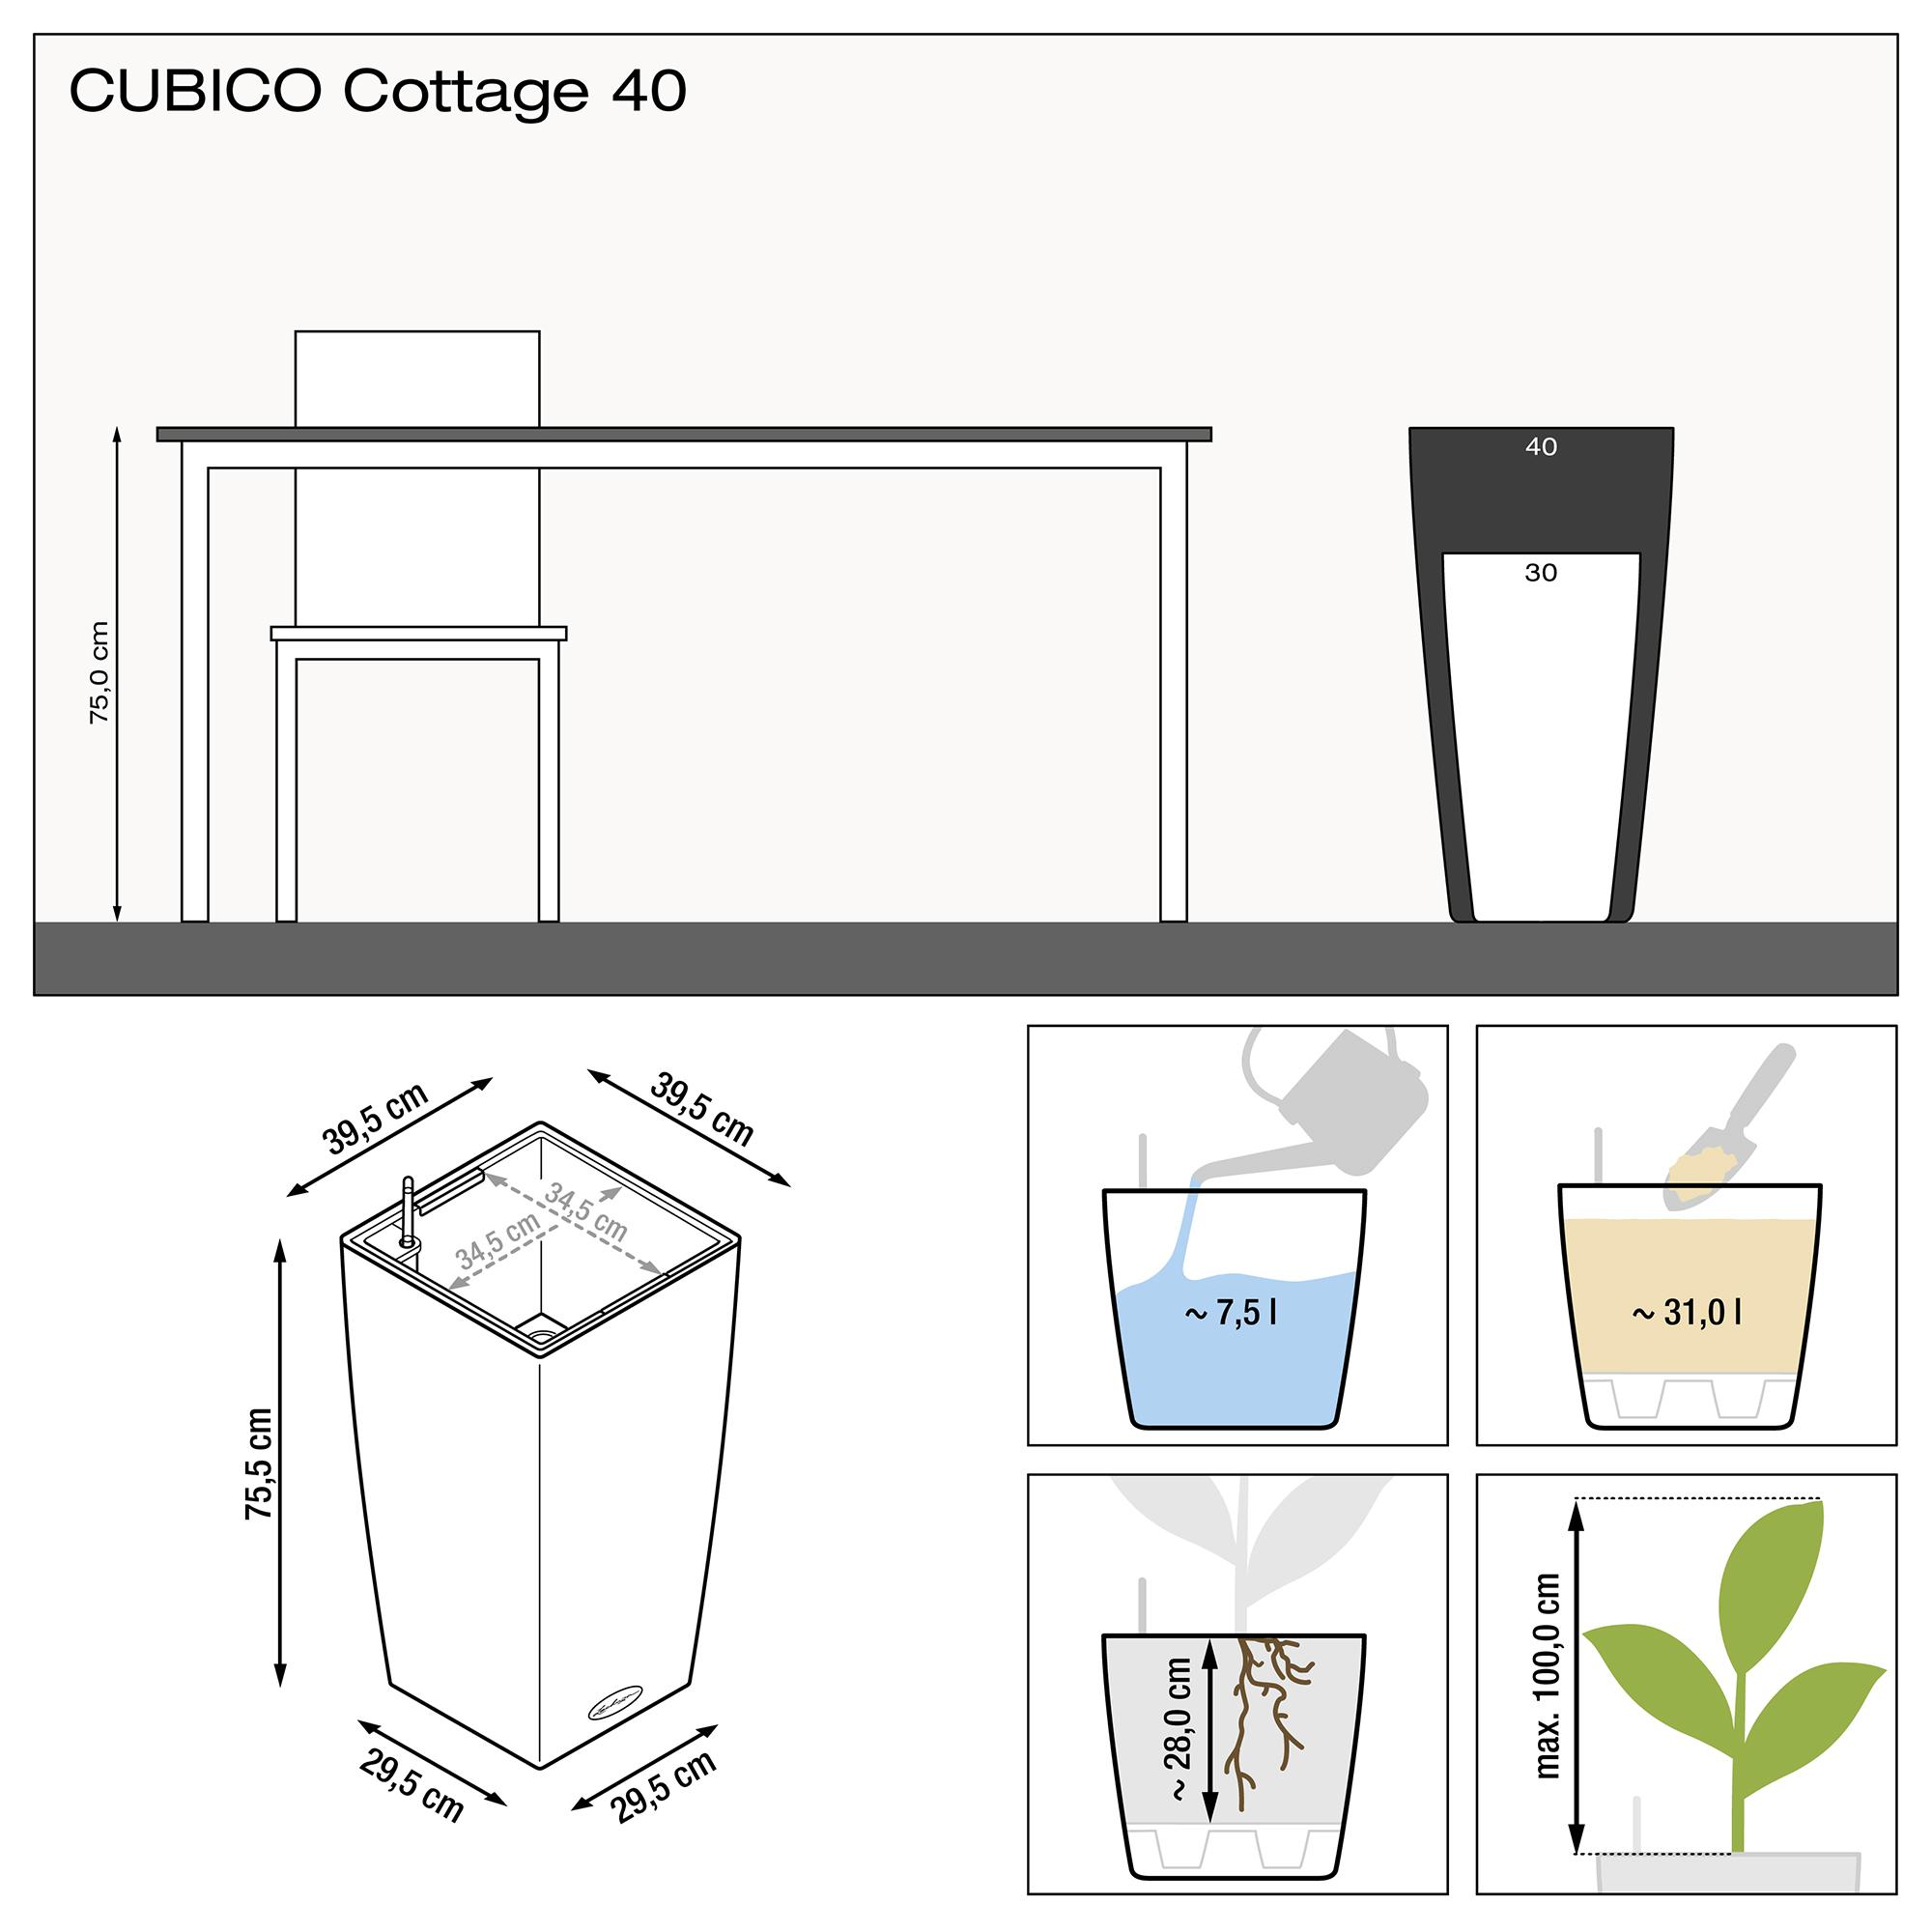 le_cubico-cottage40_product_addi_nz